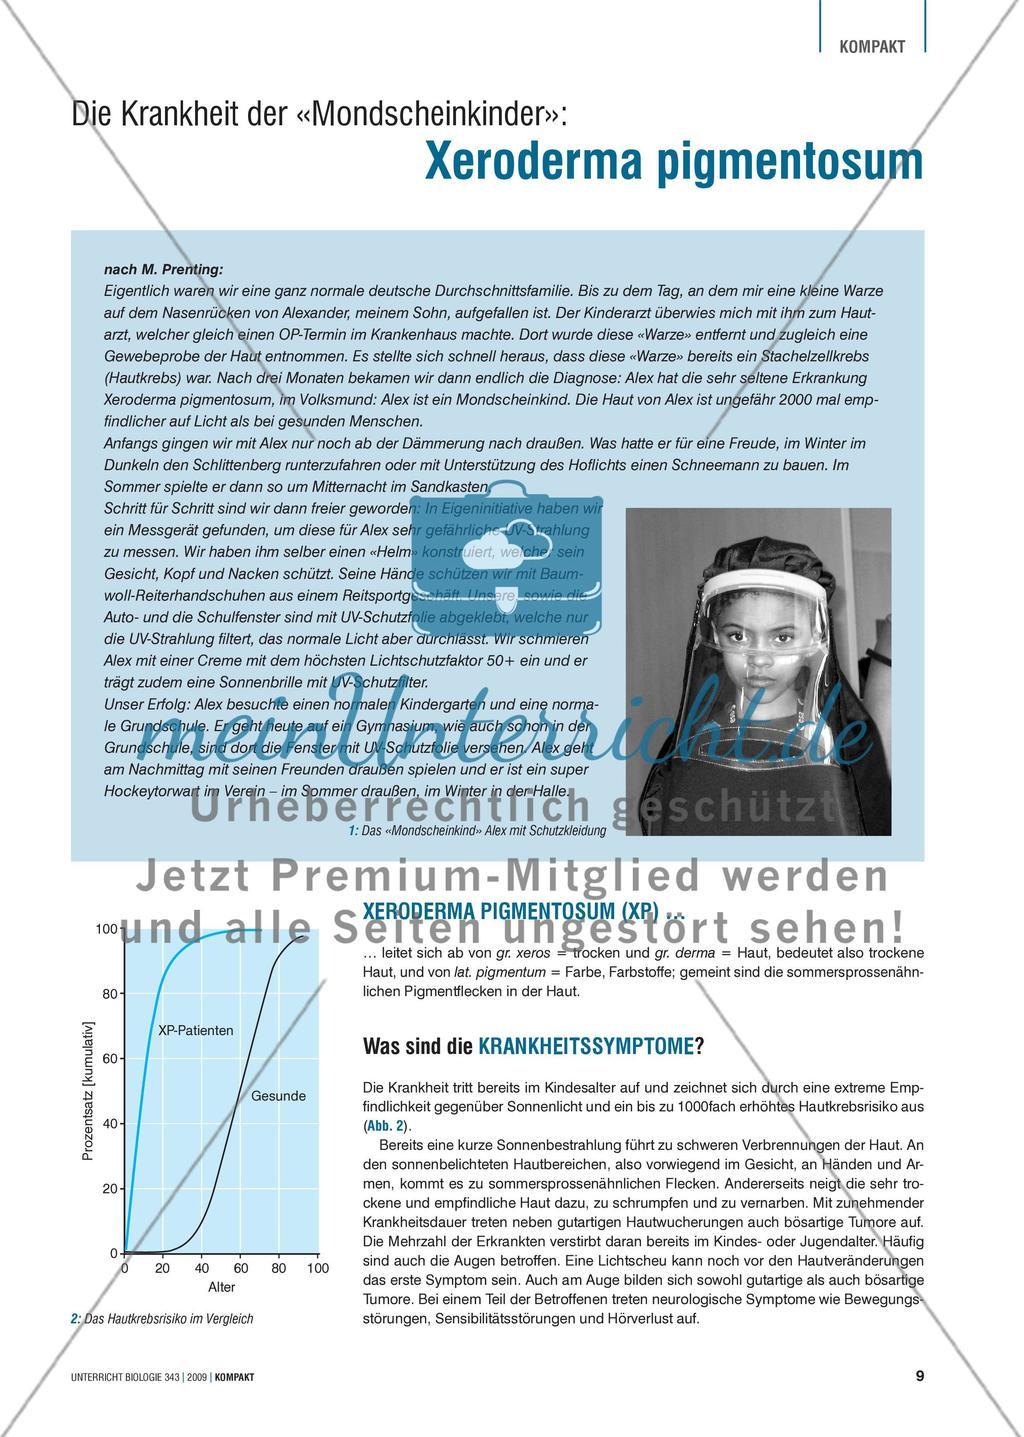 """Genetik: Untersuchung der erblich bedingten Krankheit Xeroderma pigmentosum (""""Mondscheinkinder"""") Preview 1"""